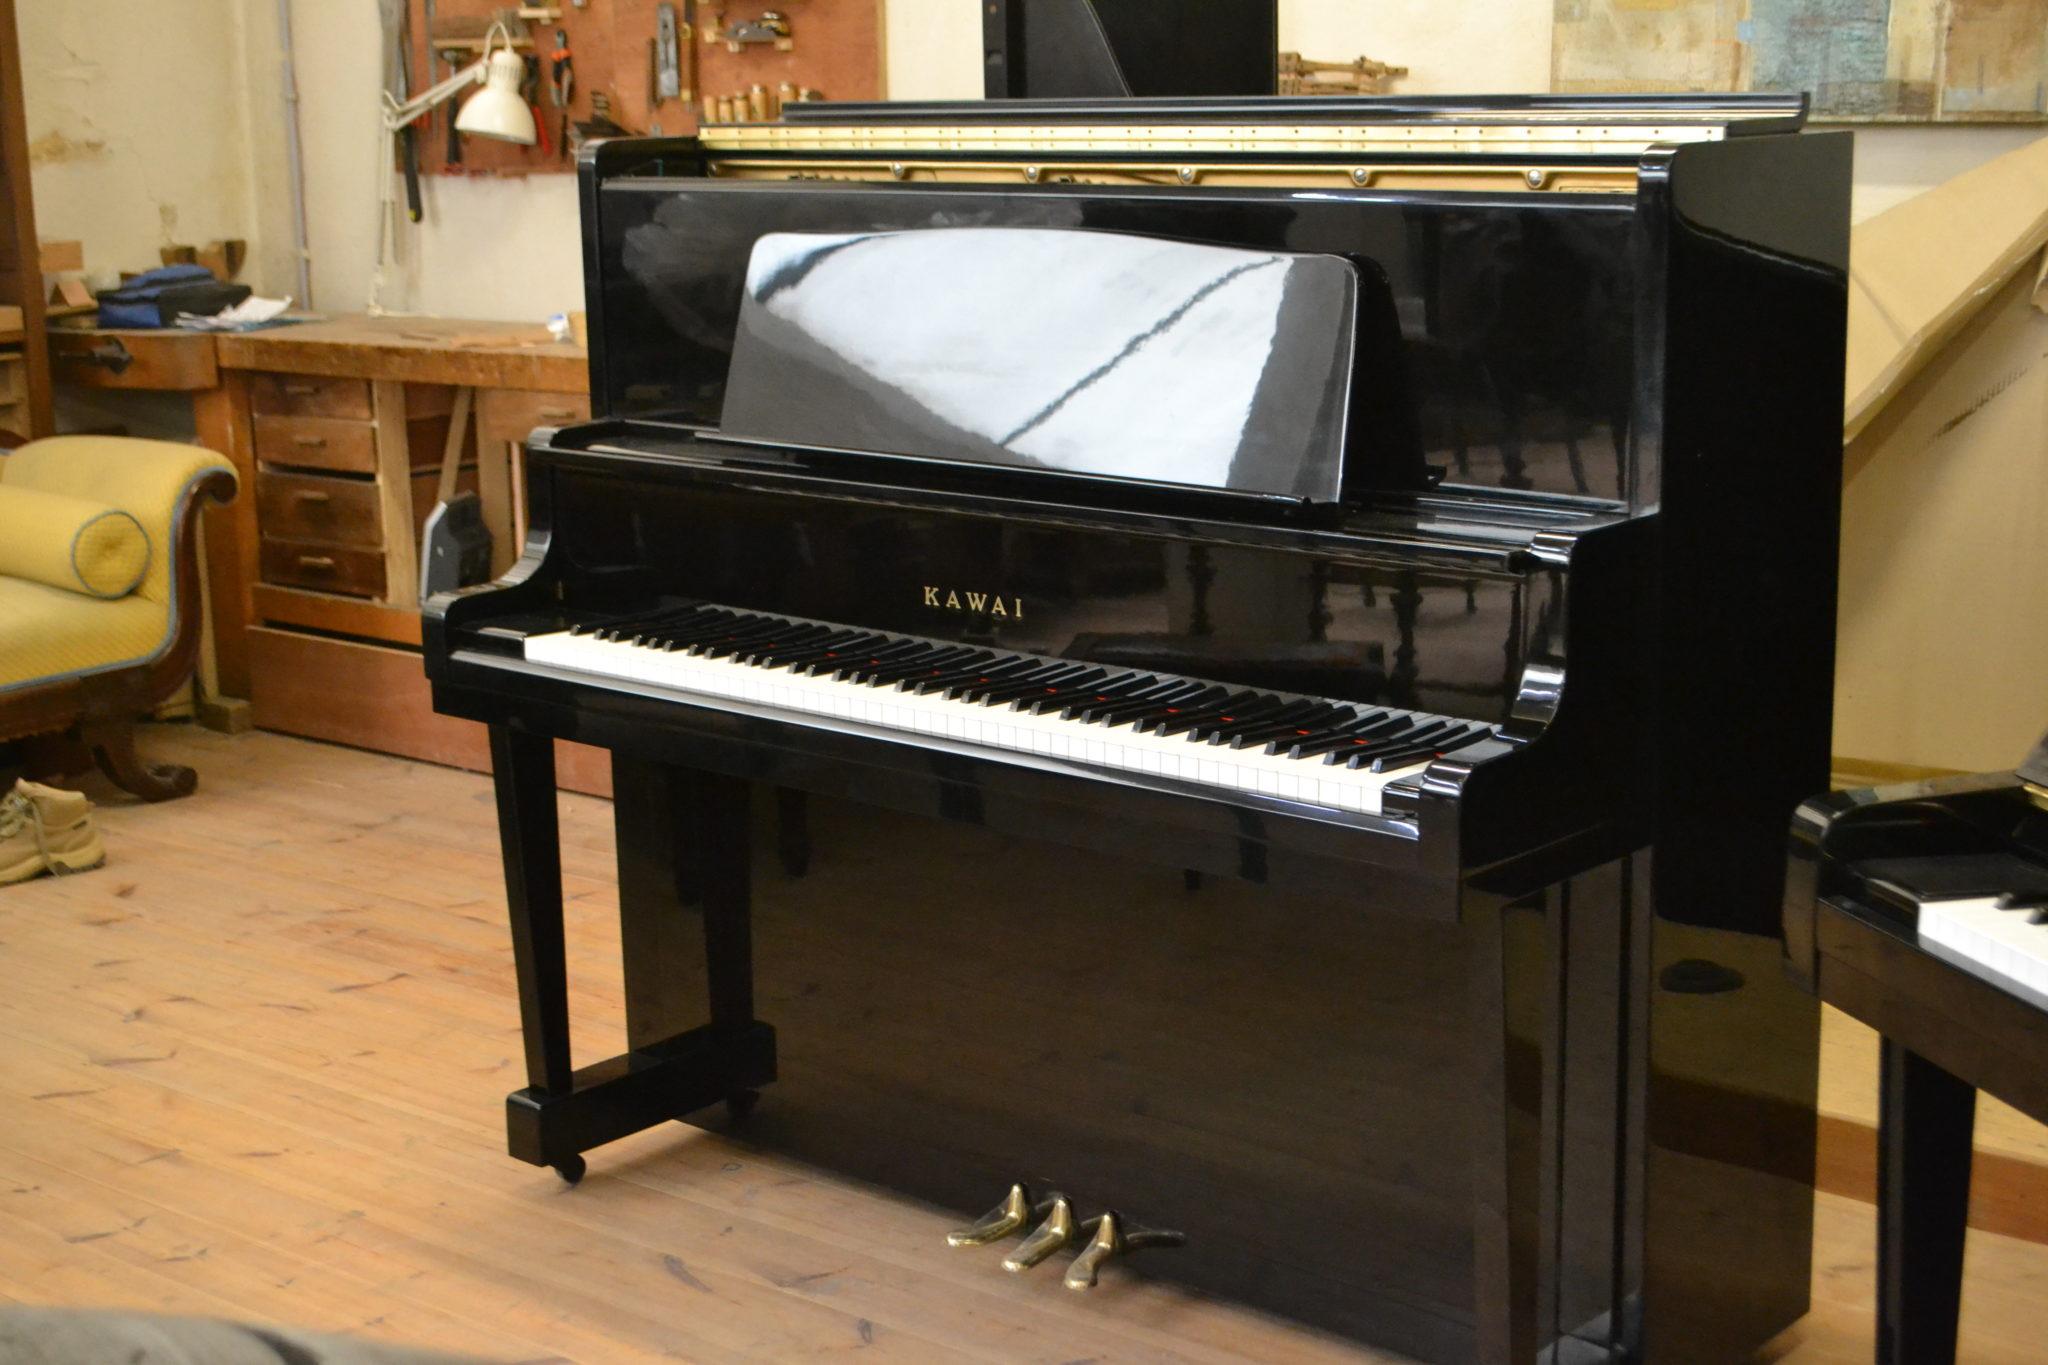 Kawai droit grand modèle 131 cm, noir poli.